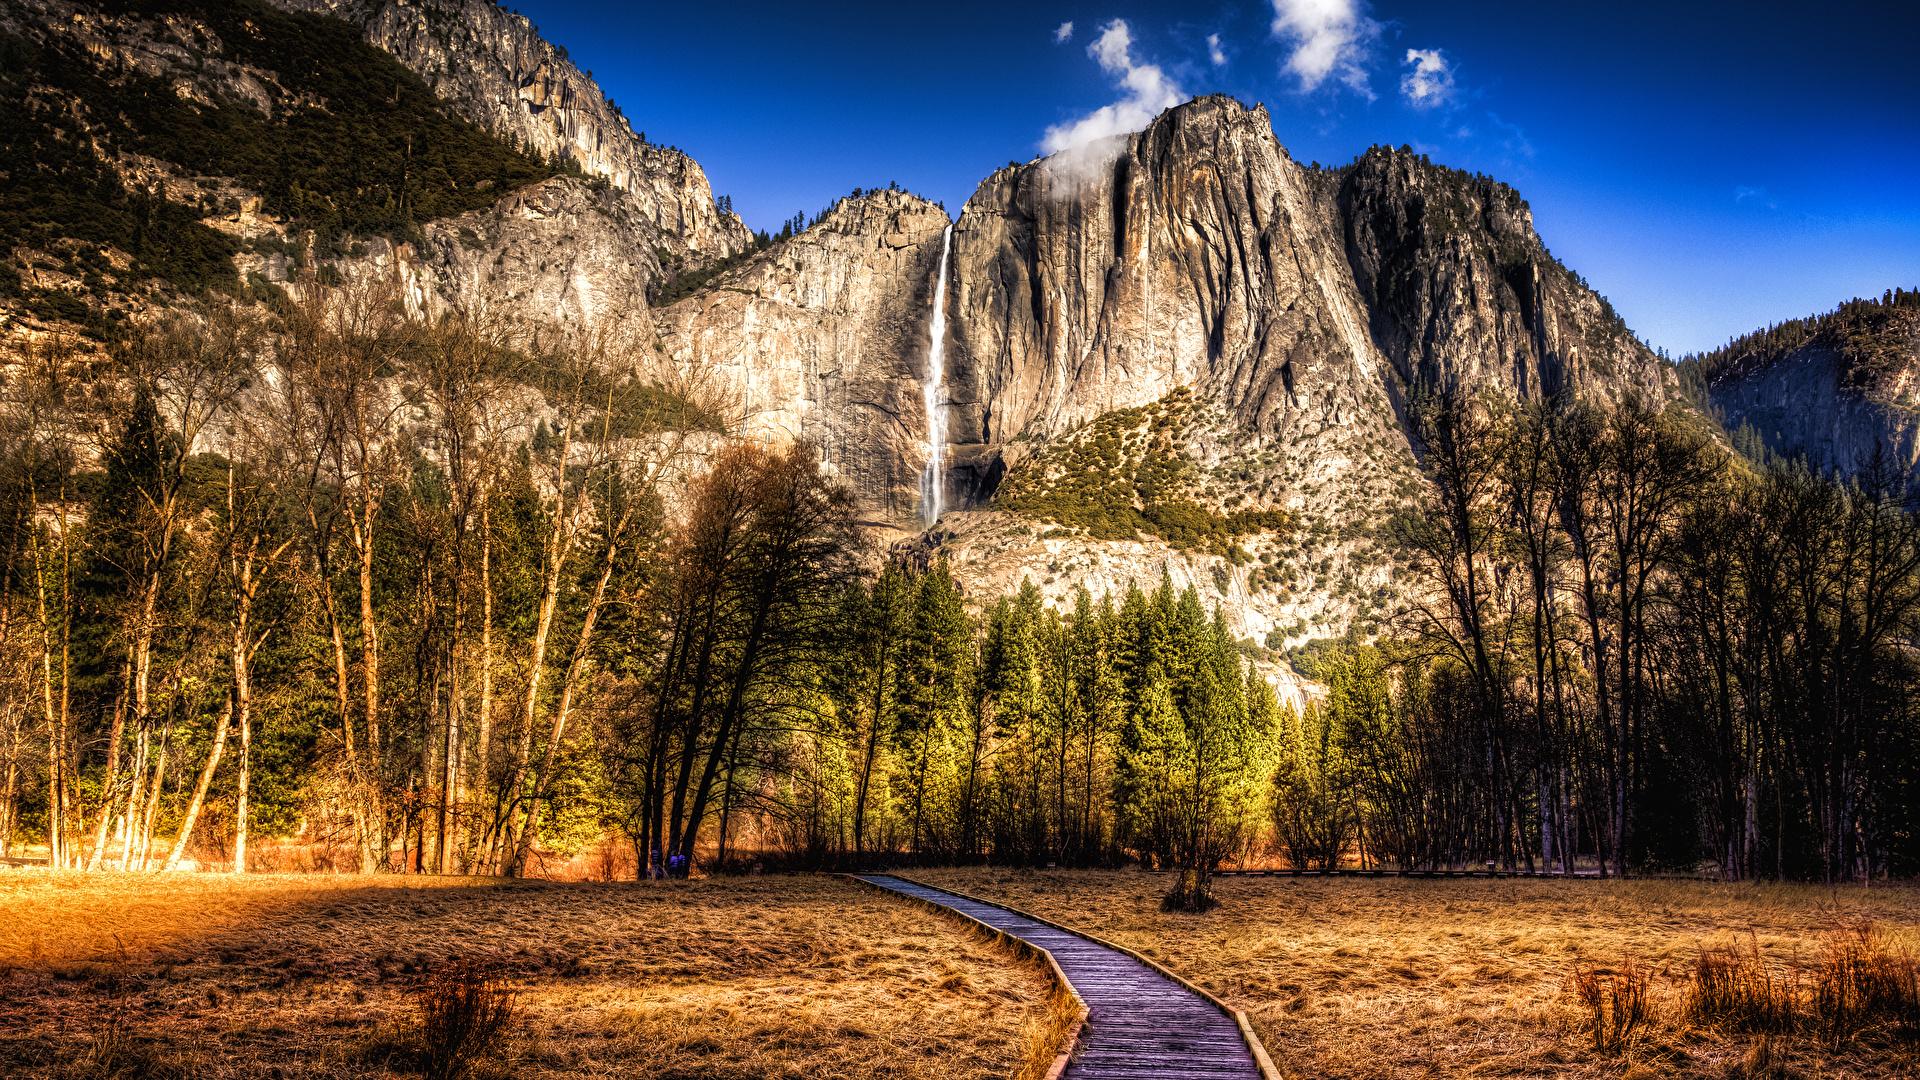 Фотографии Йосемити Калифорния штаты HDRI Горы Осень Природа Парки Пейзаж дерево 1920x1080 калифорнии США HDR осенние дерева Деревья деревьев